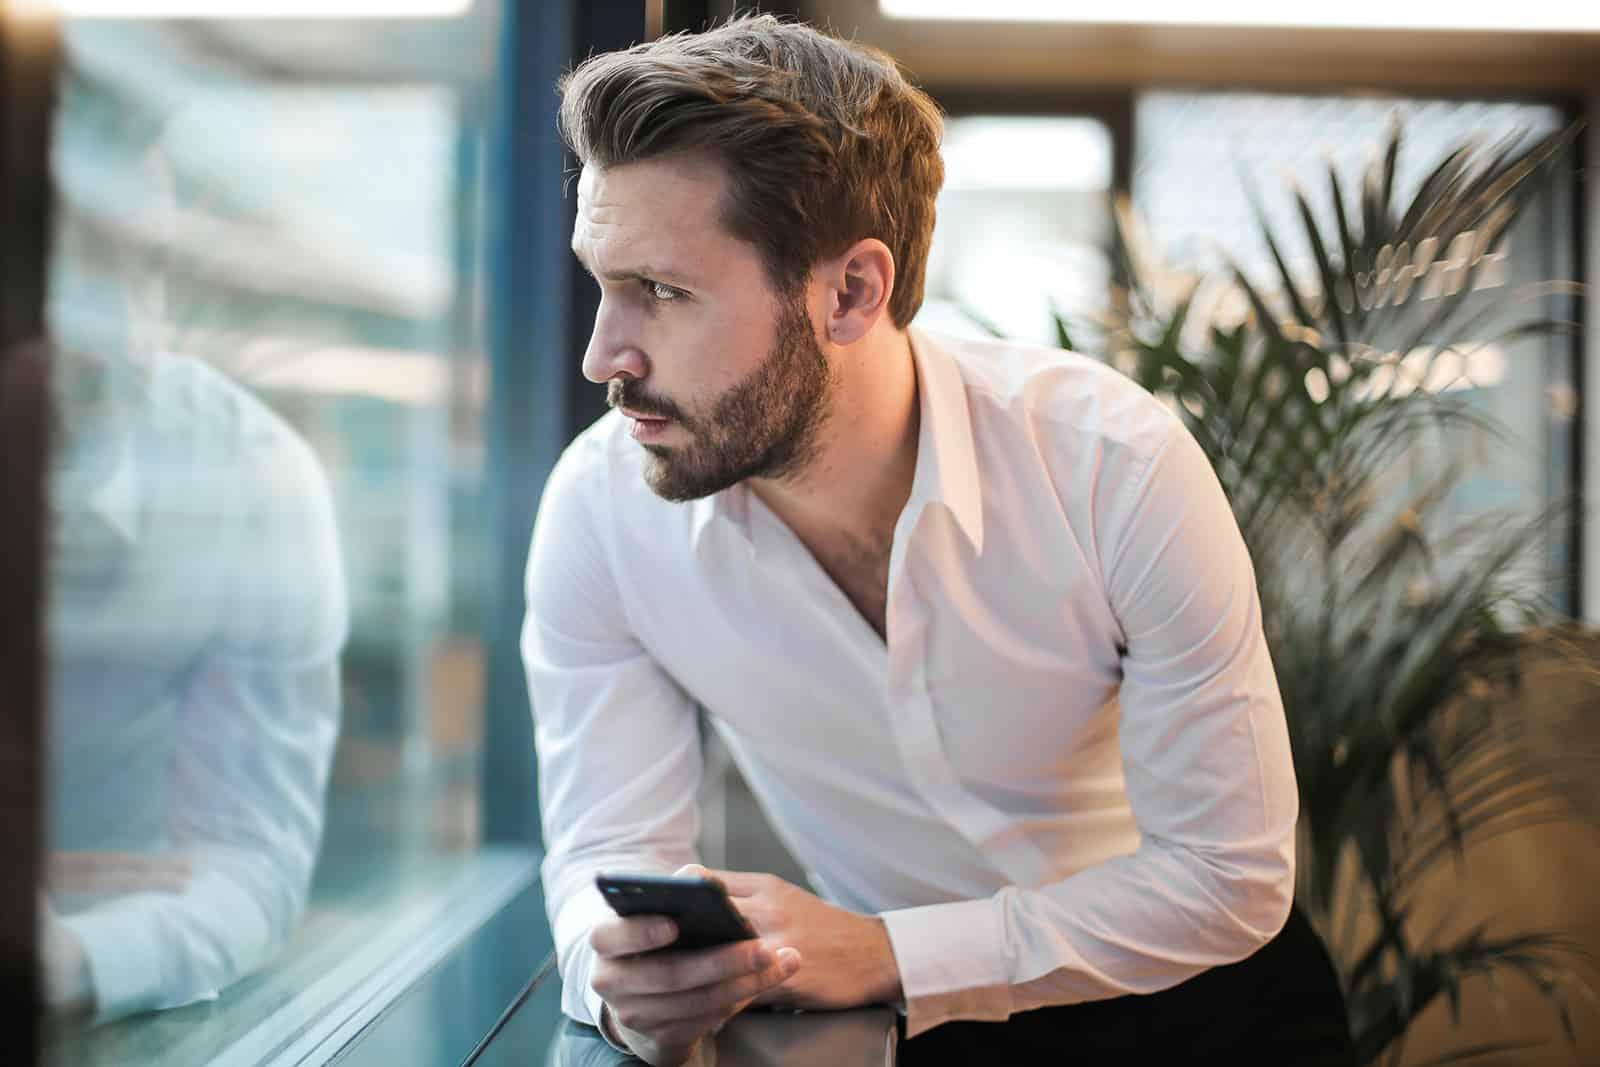 un homme confus regardant par la fenêtre et tenant le smartphone